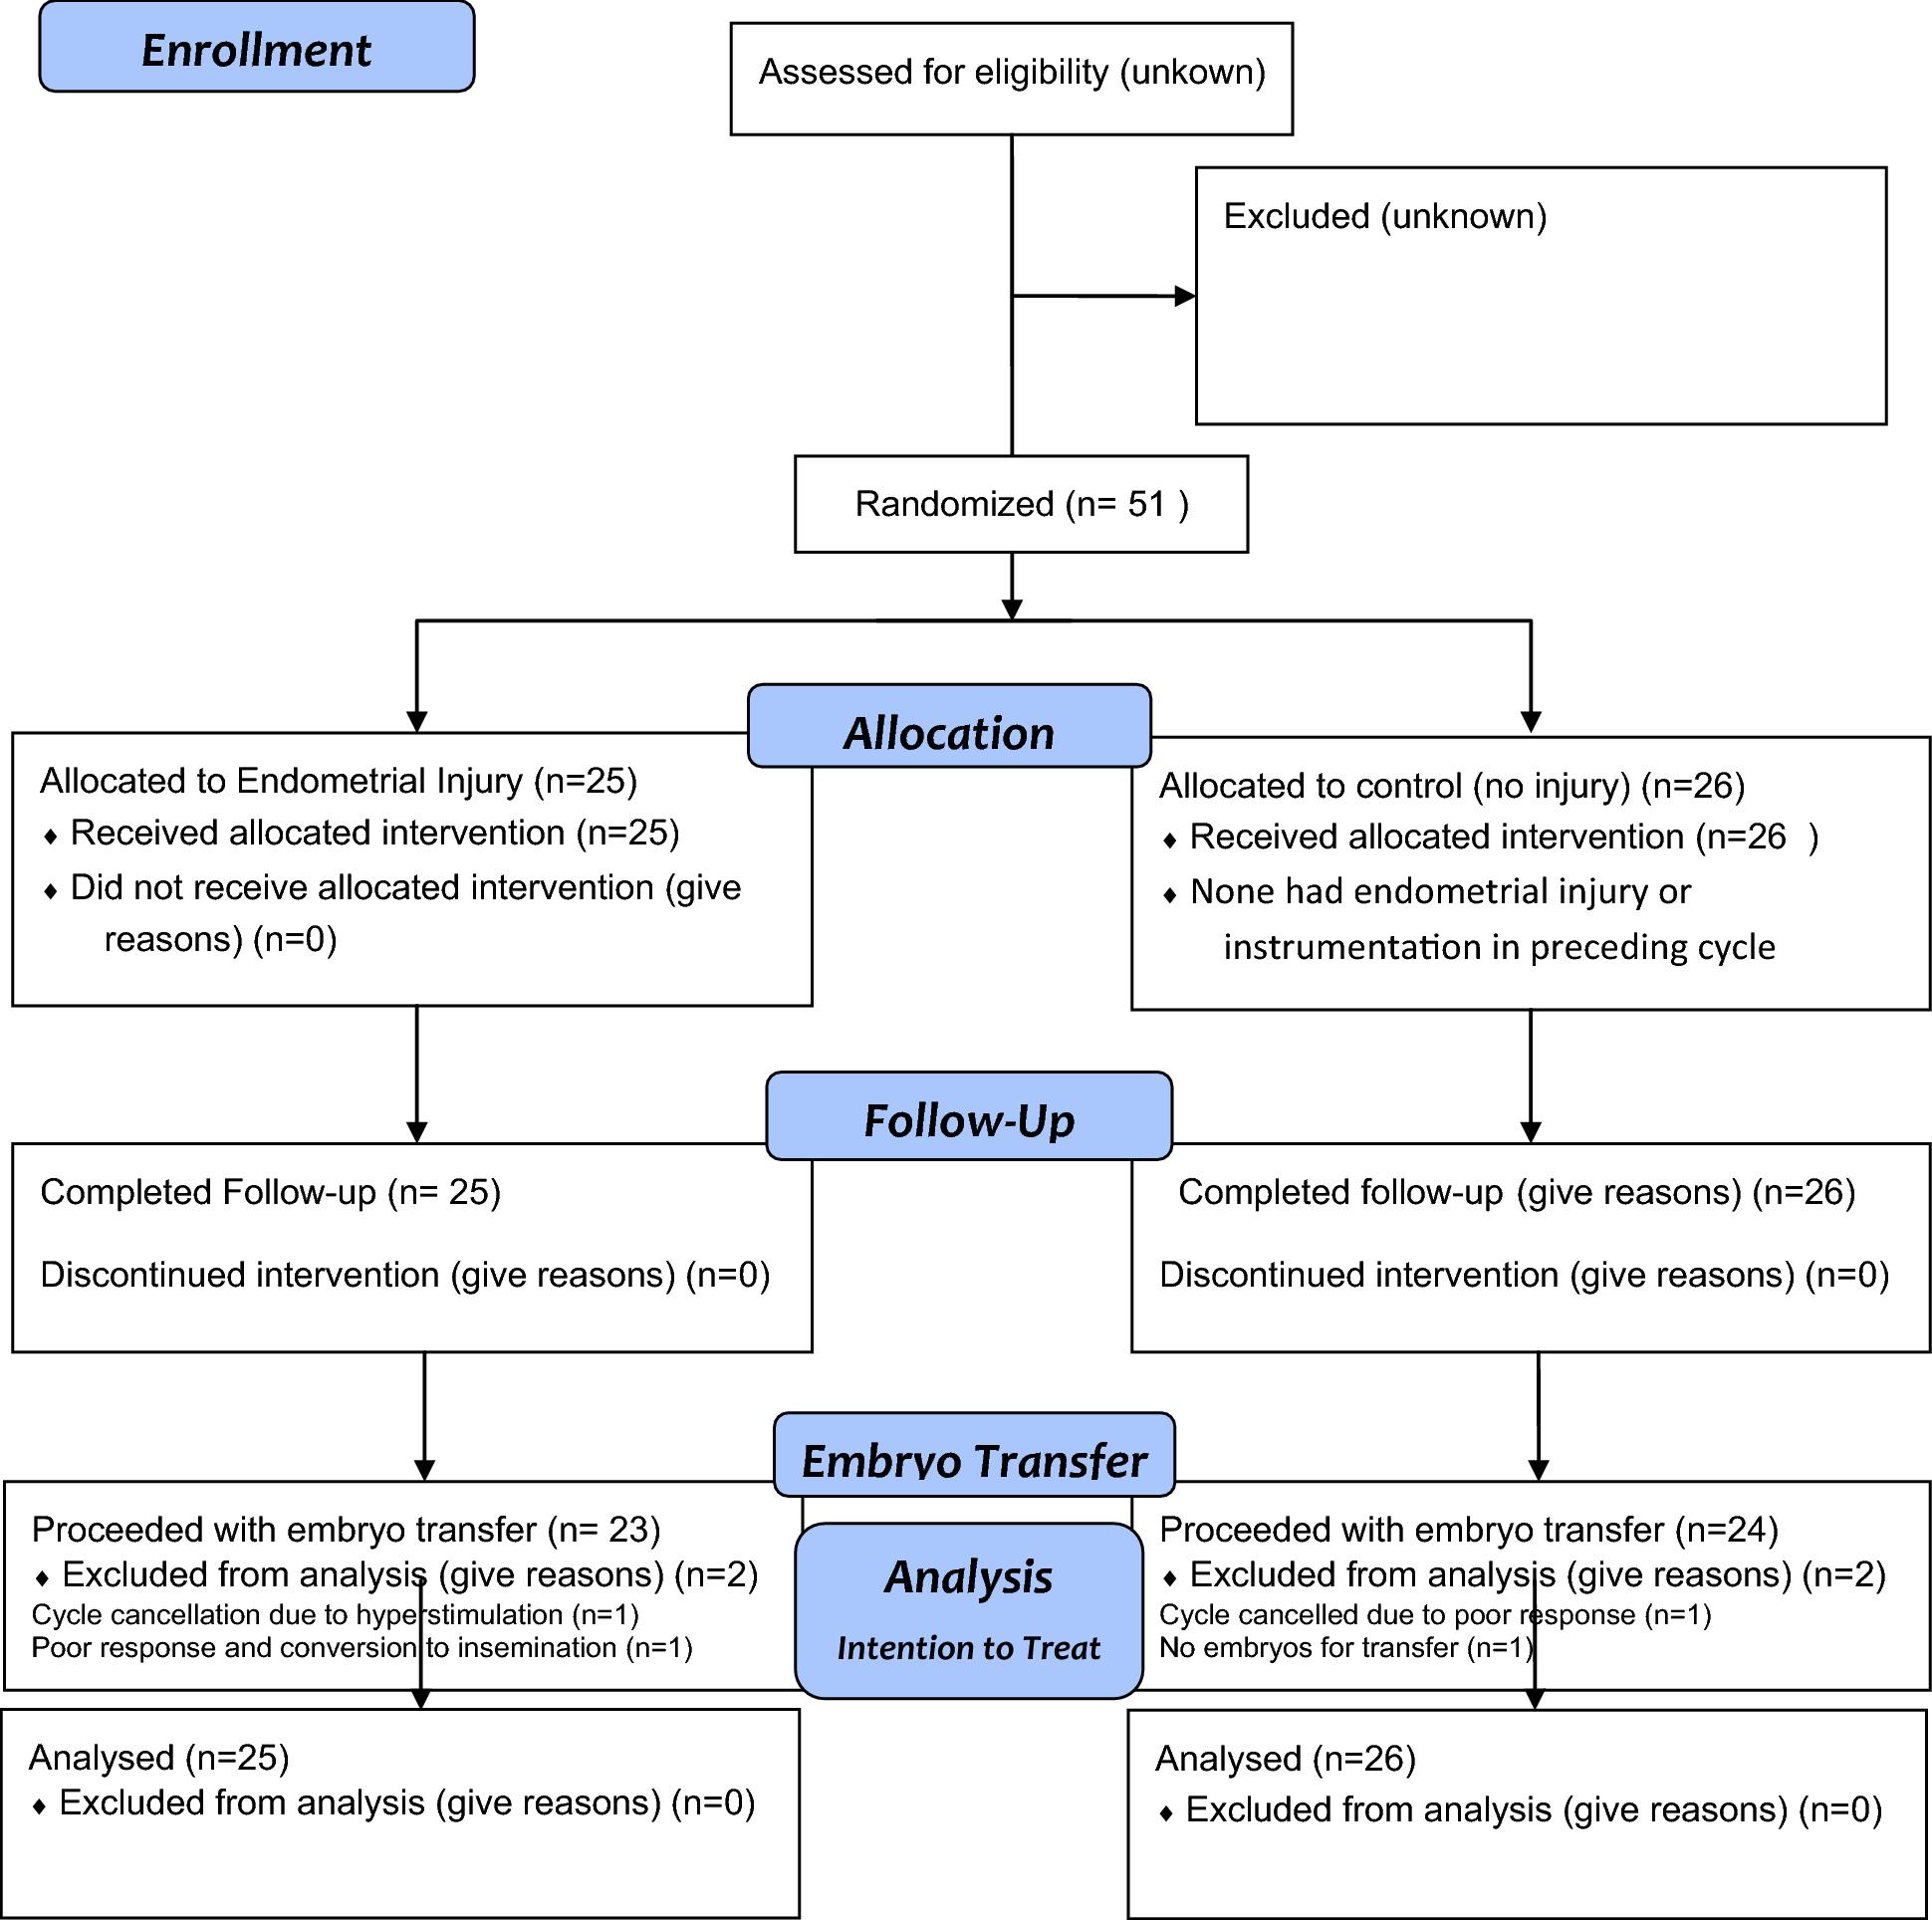 Effect of endometrial injury on in vitro fertilization pregnancy